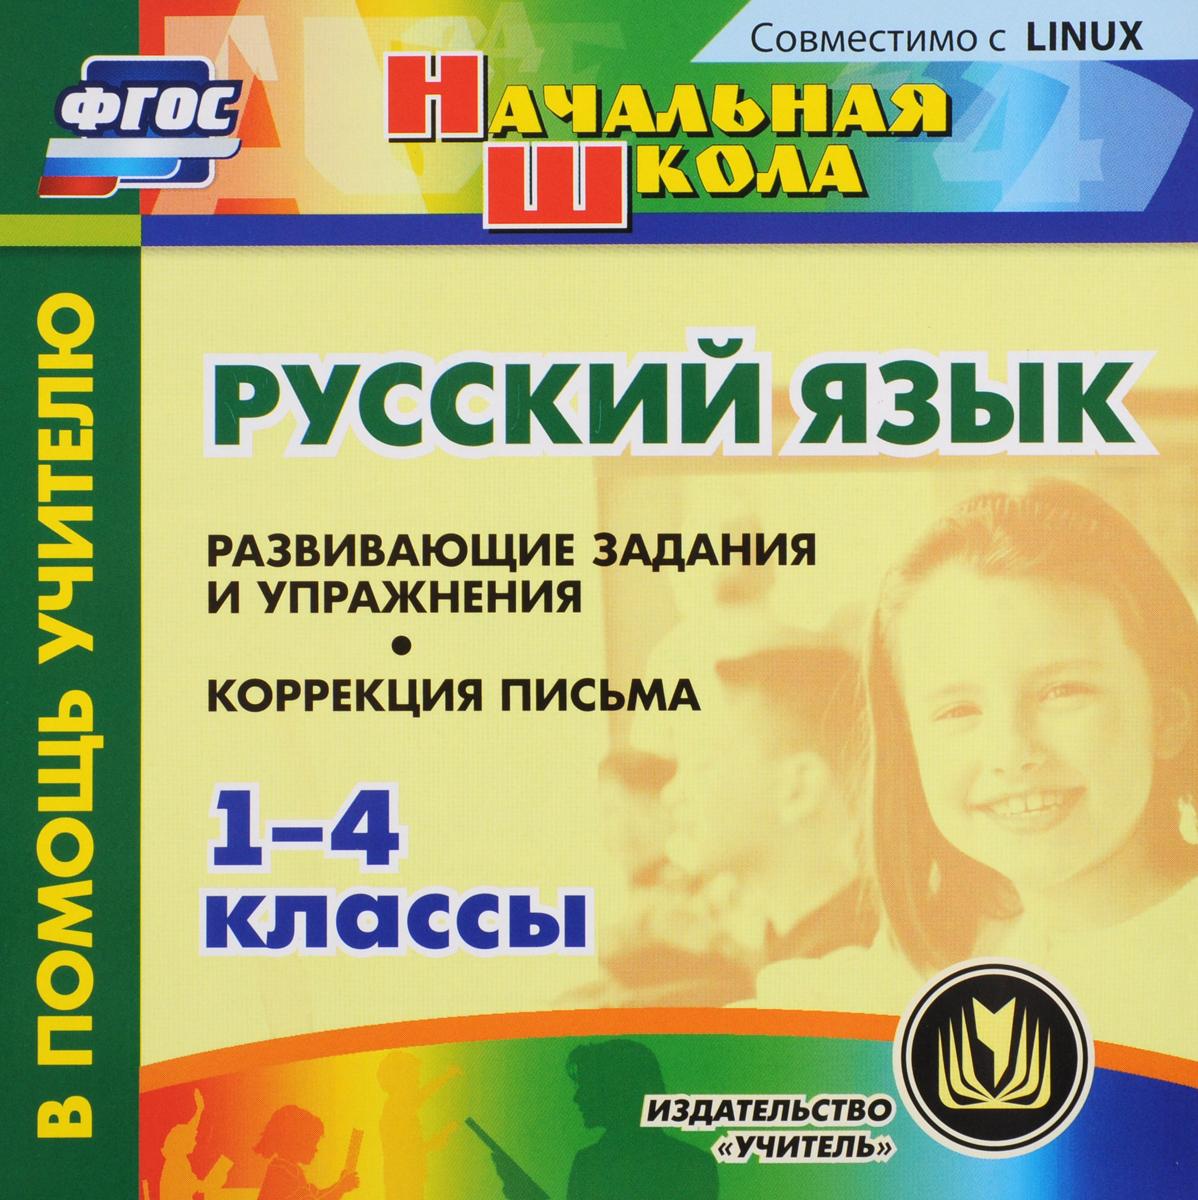 Русский язык. 1-4 классы. Развивающие задания и упражнения. Коррекция письма